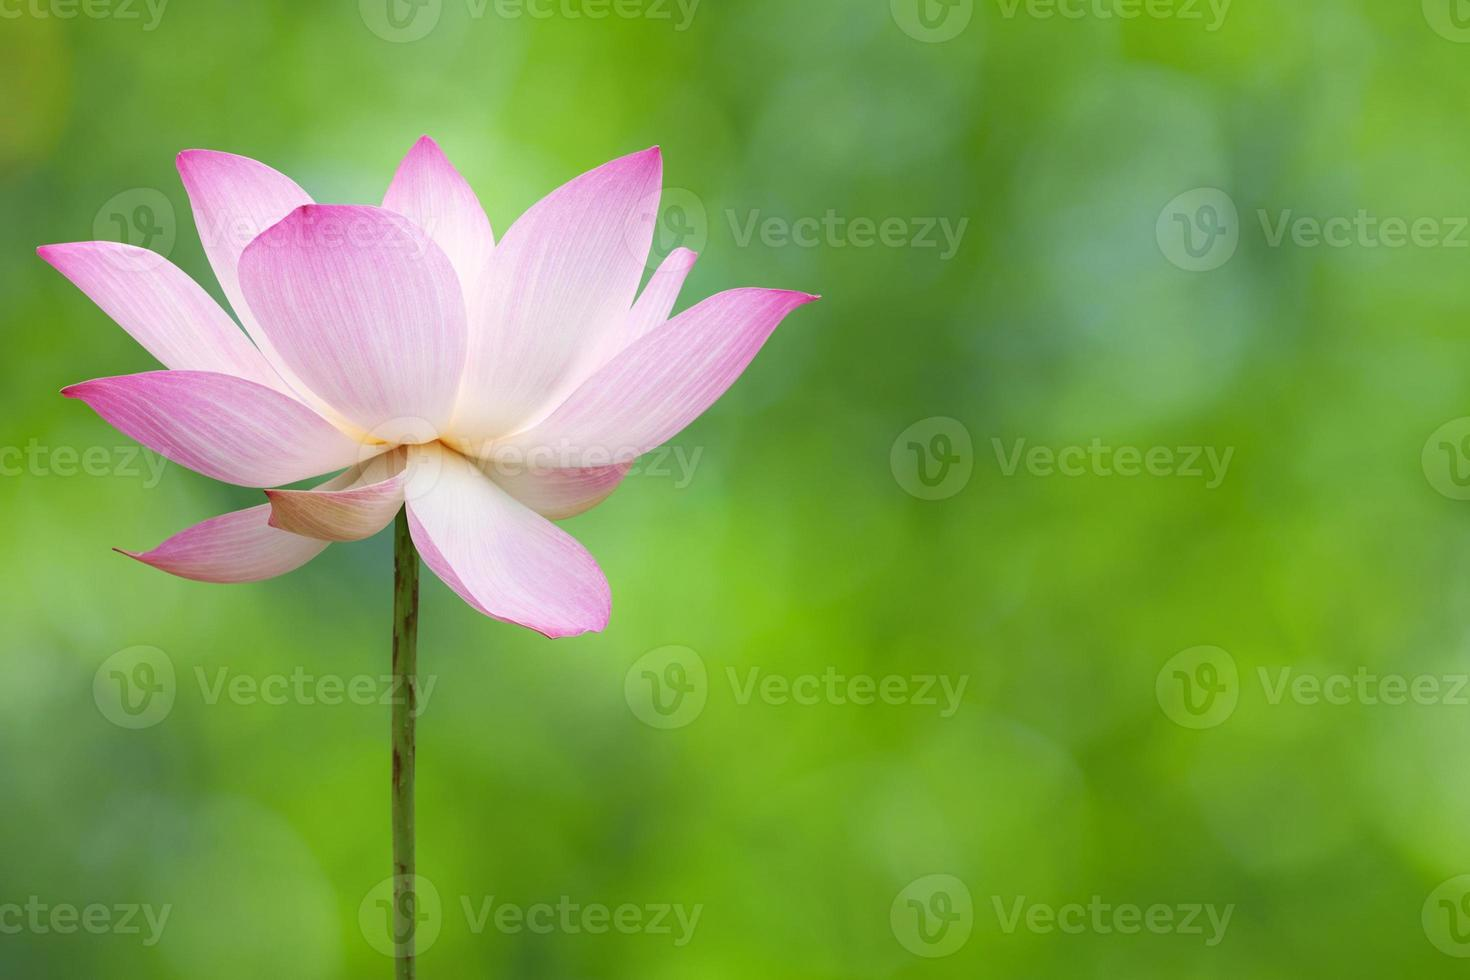 fioritura dei loti foto